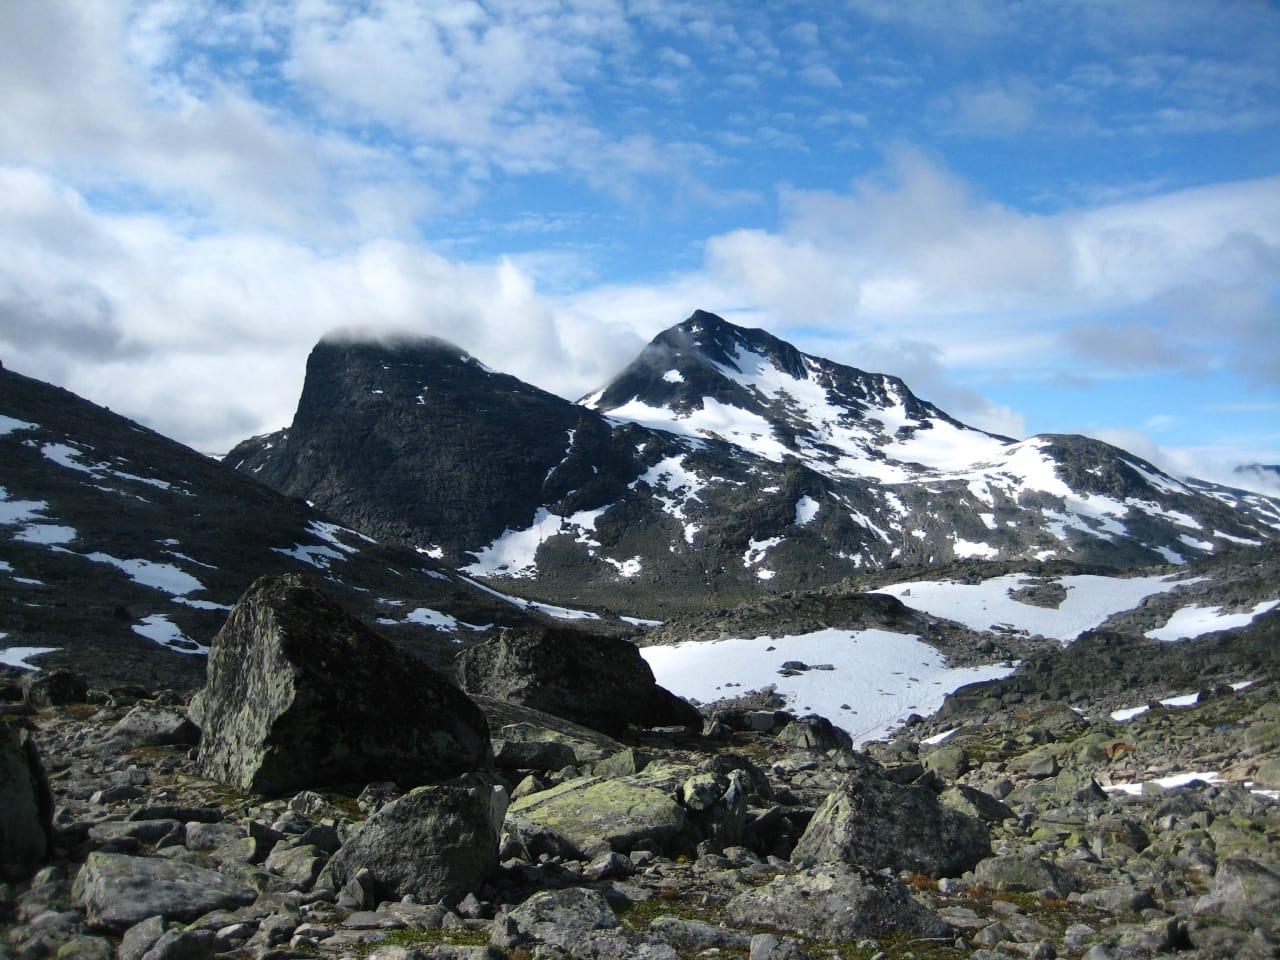 Forhold til fjells | Turtips | Aktuelt | UTEMAGASINET.NO